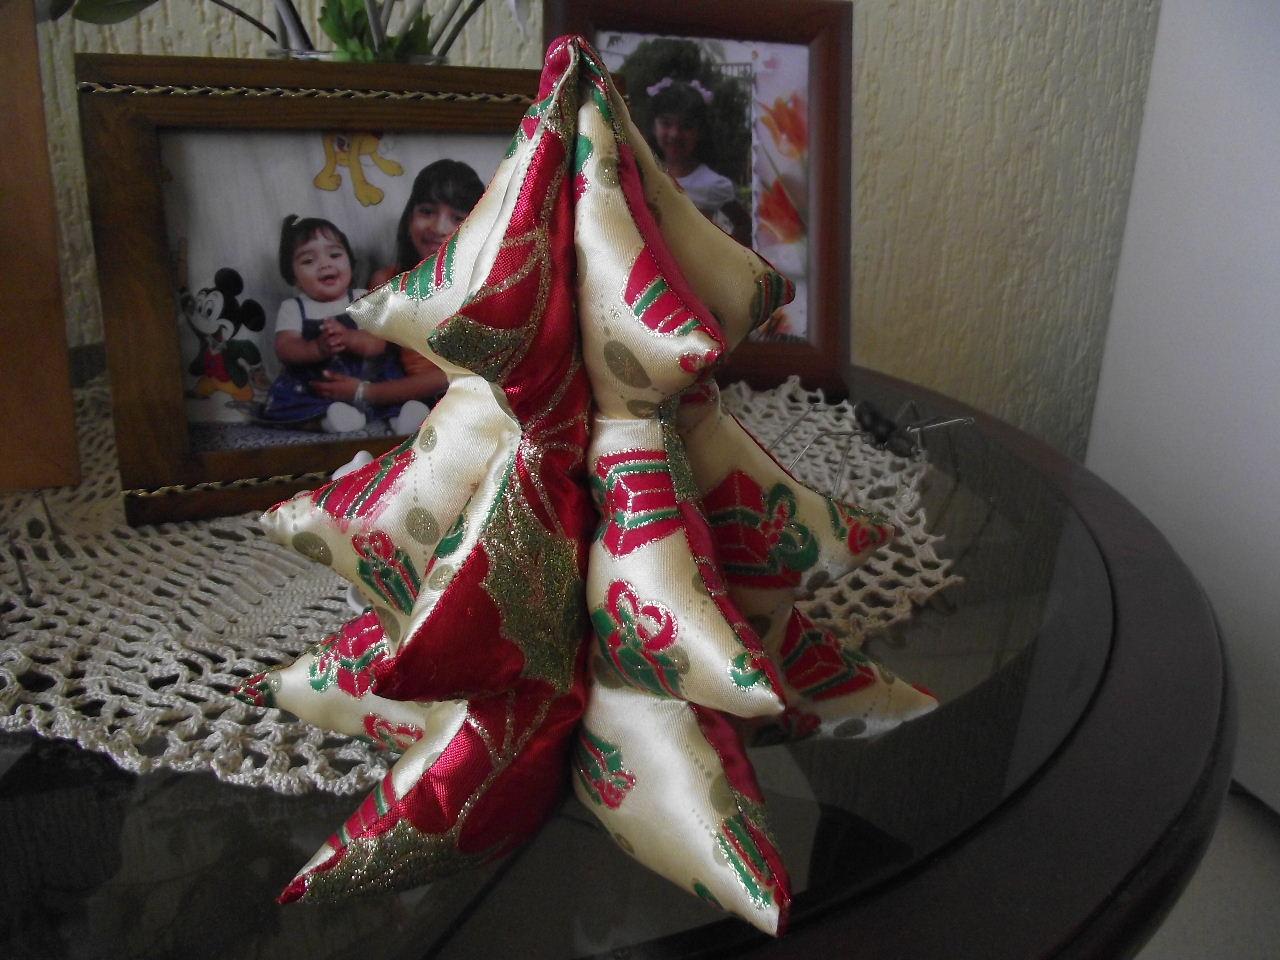 Novedades paola arbolito de navidad en tela - Arbol navidad tela ...